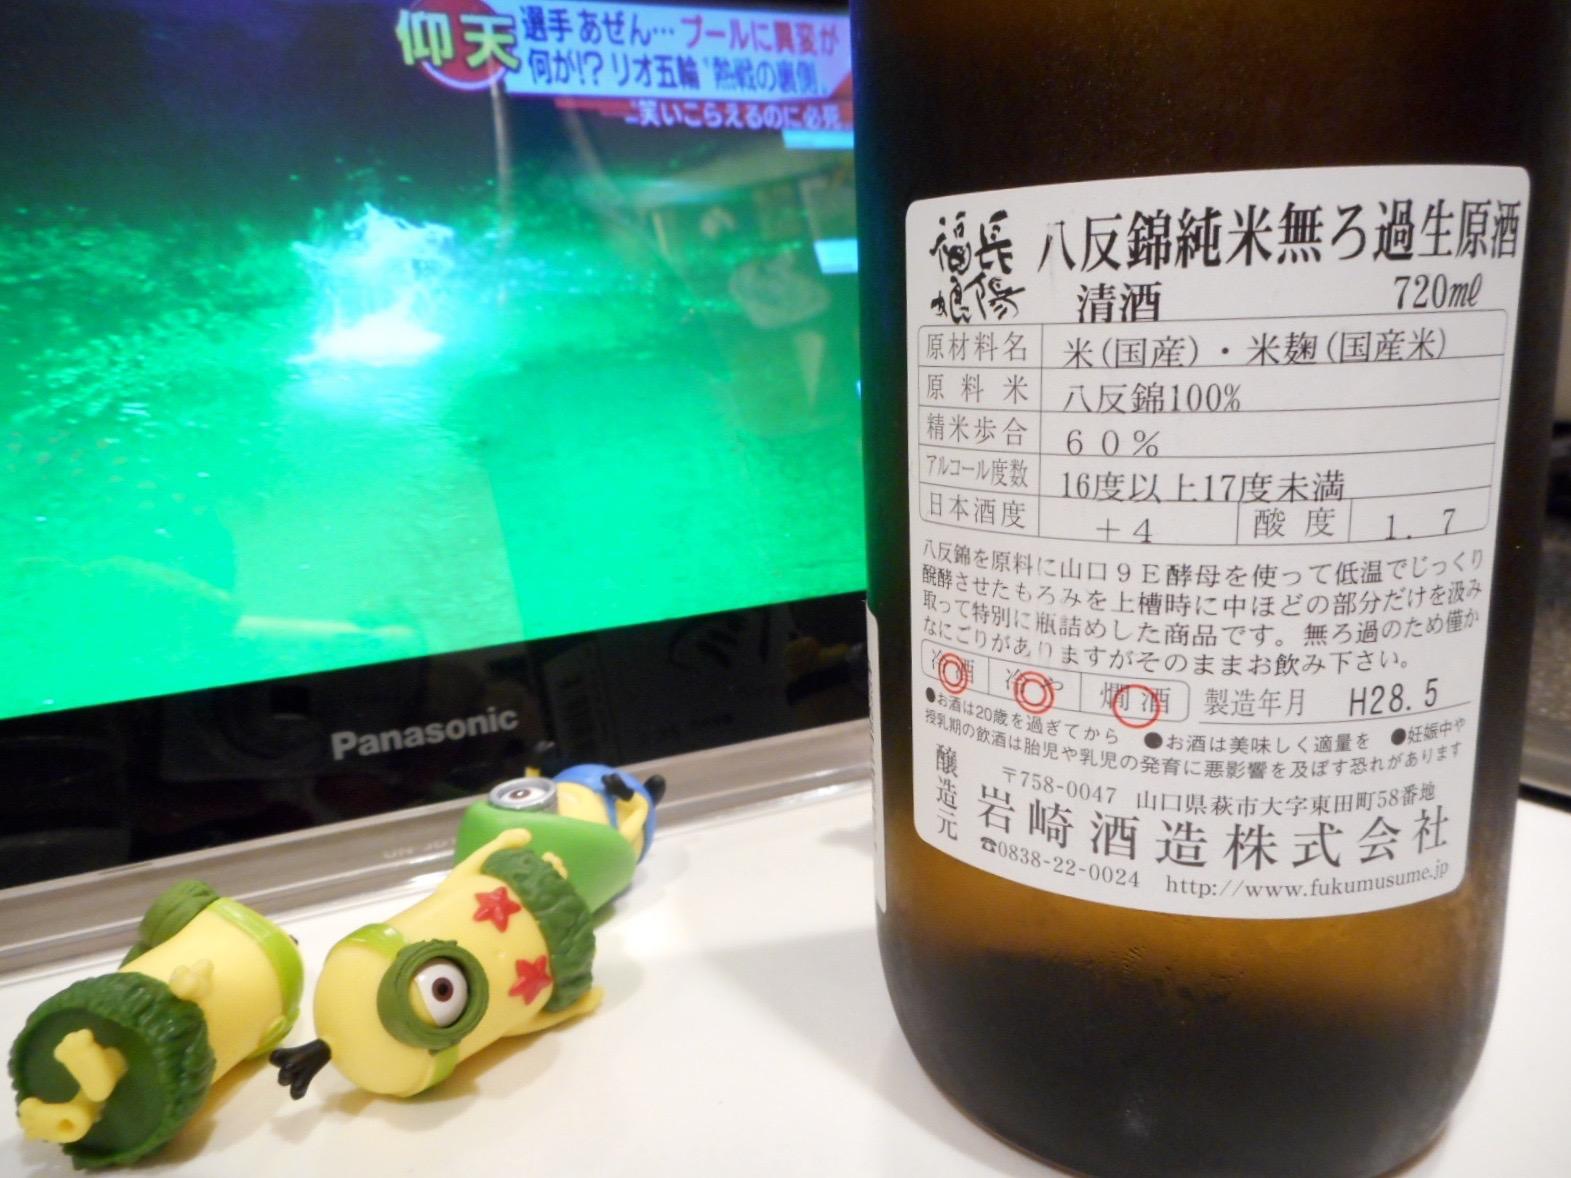 chouyoufukumusume_hattan60_27by3.jpg